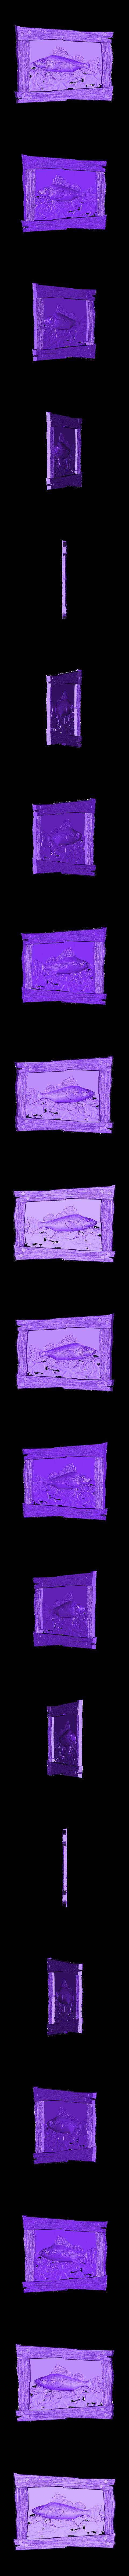 911. Panno.stl Télécharger fichier STL gratuit Poisson • Plan à imprimer en 3D, stl3dmodel